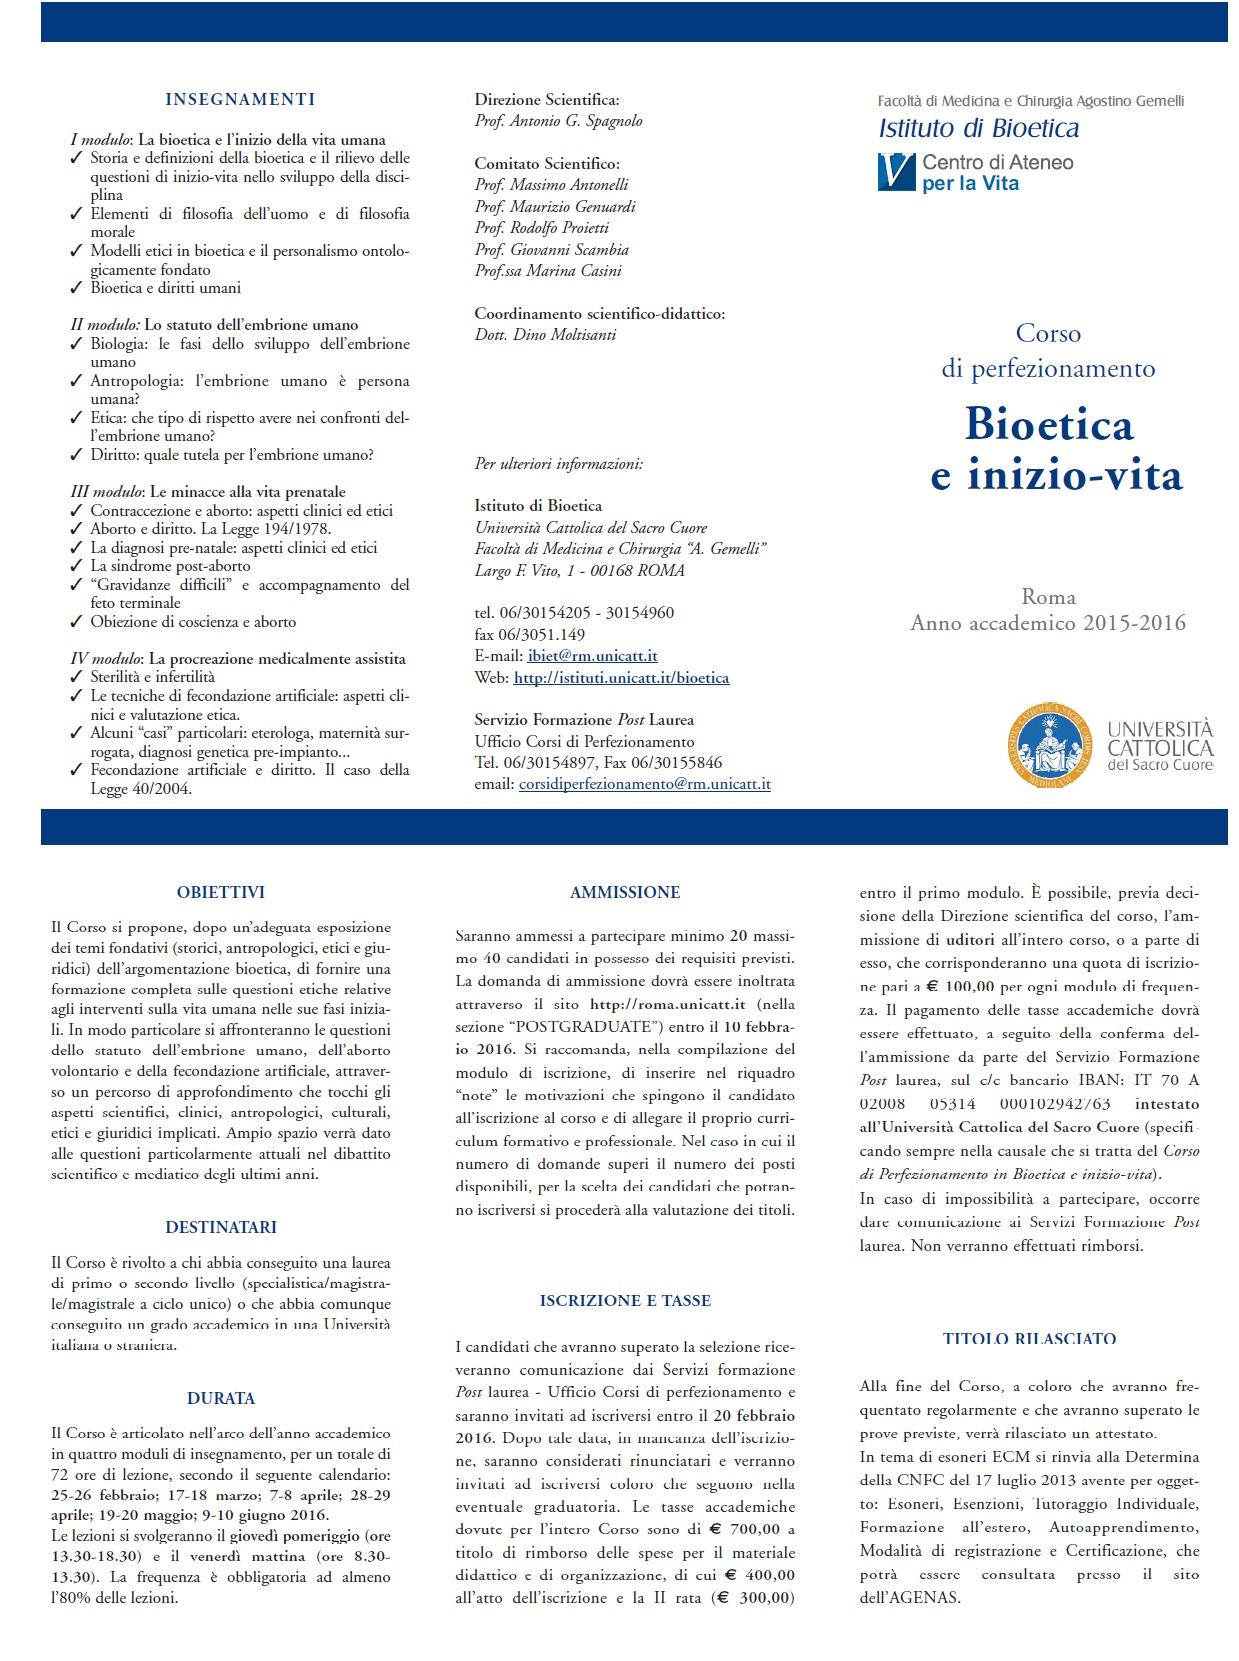 Corso di perfezionamento Bioetica e inizio-vita